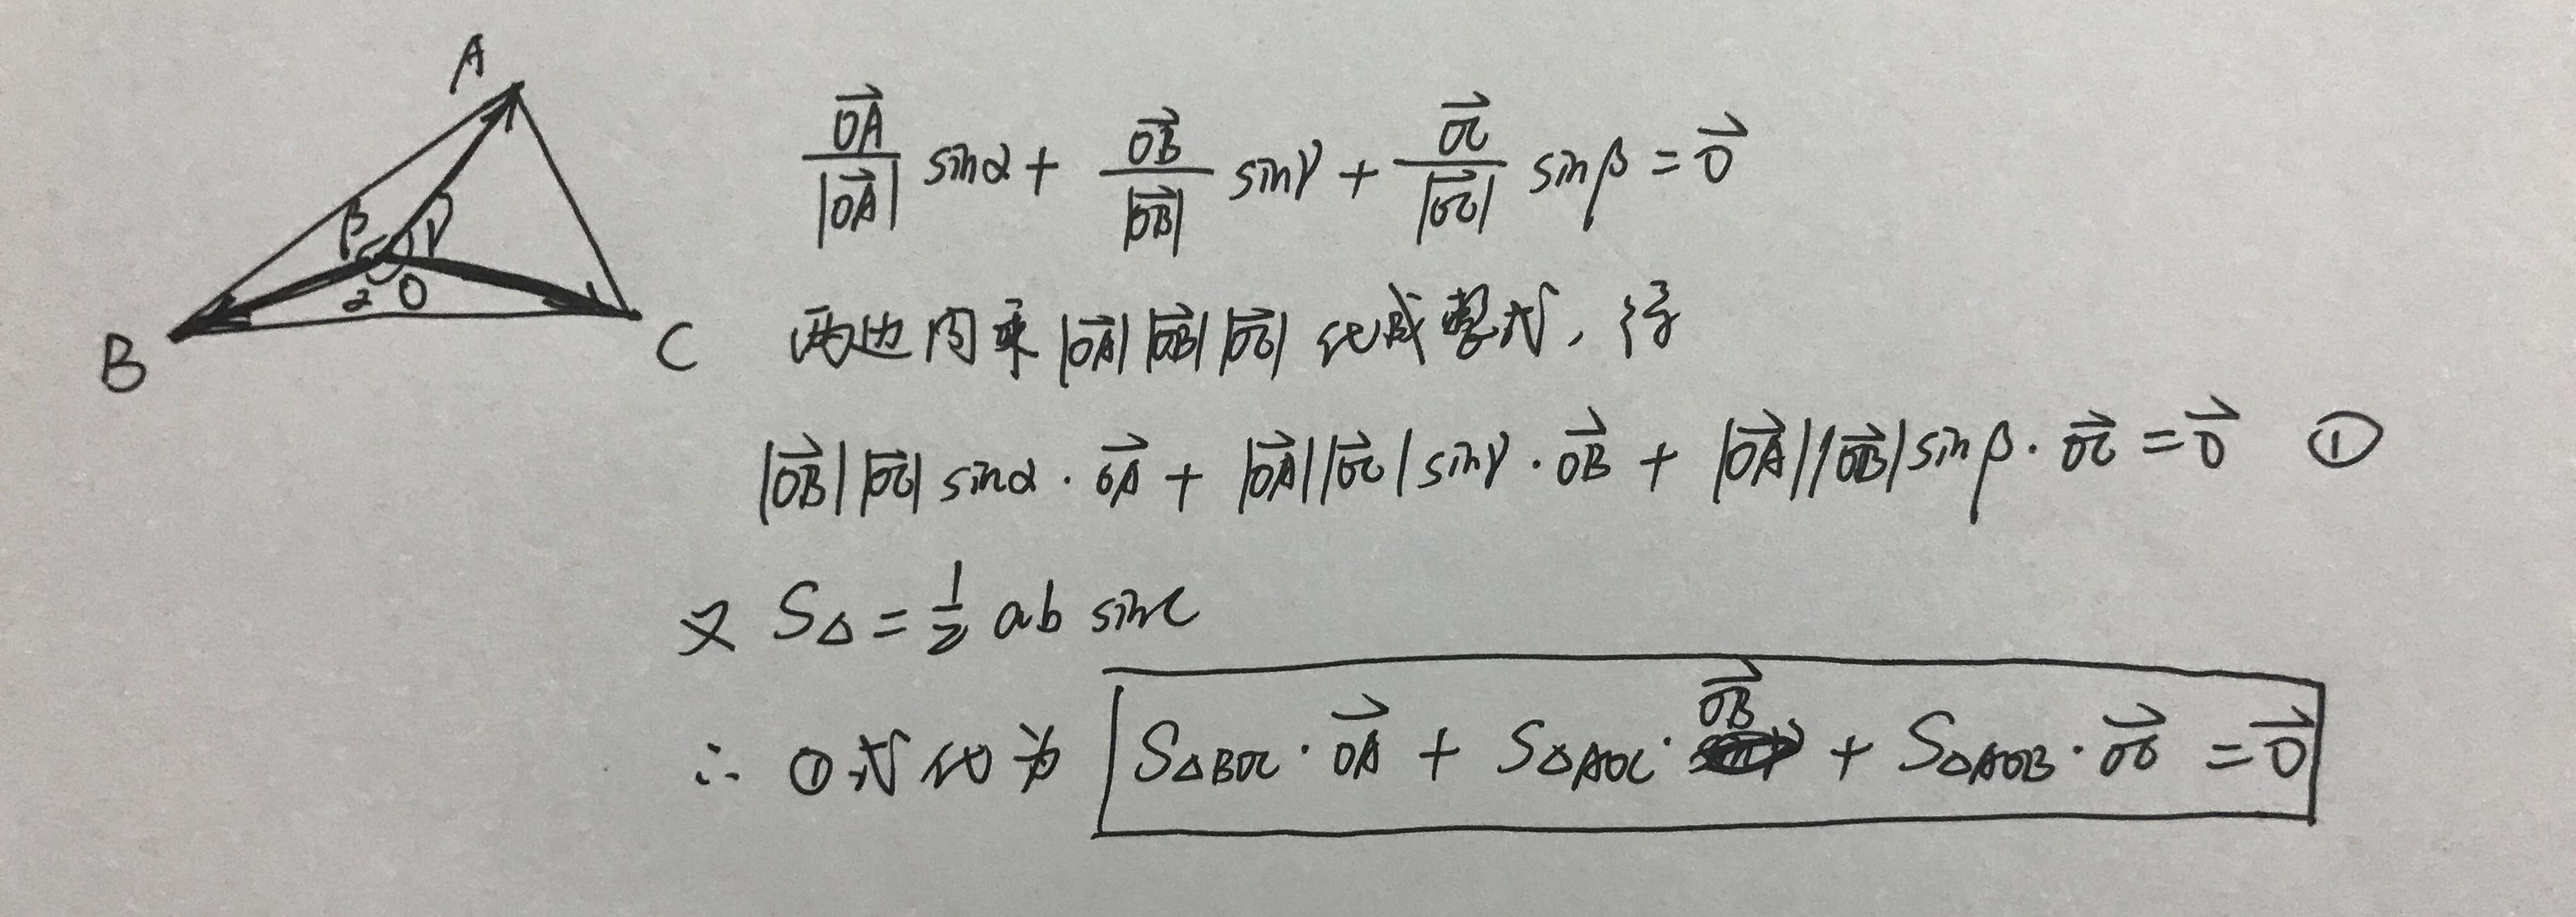 已知向量a x 3_奔驰定理 - 知乎